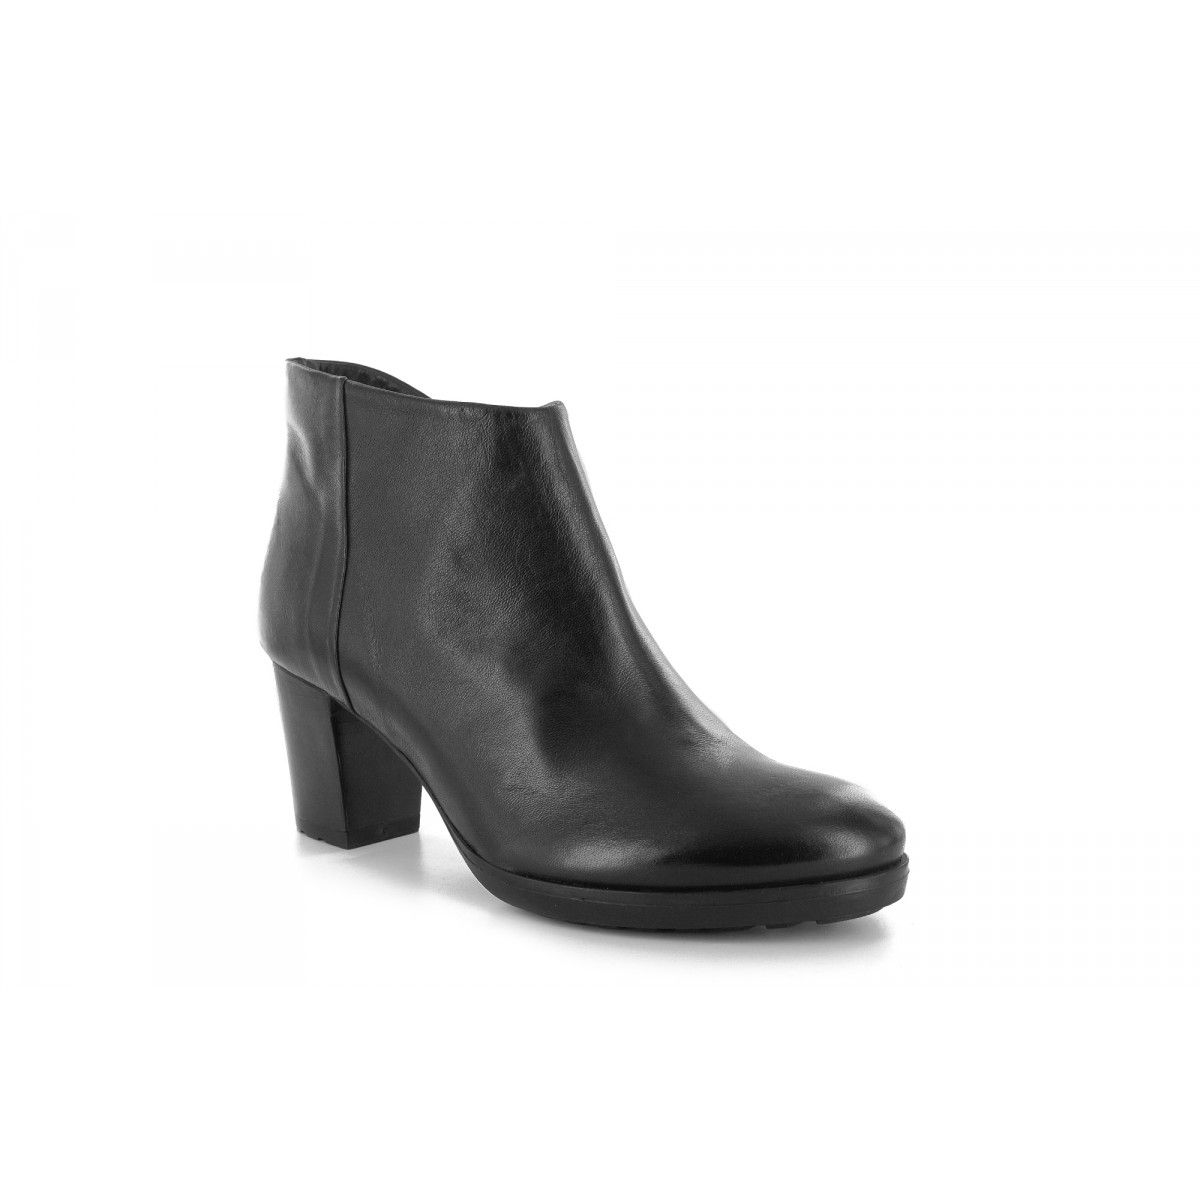 4989784c3e7 Bottines Manas Manas en noir pour femme - Galeries Lafayette ...